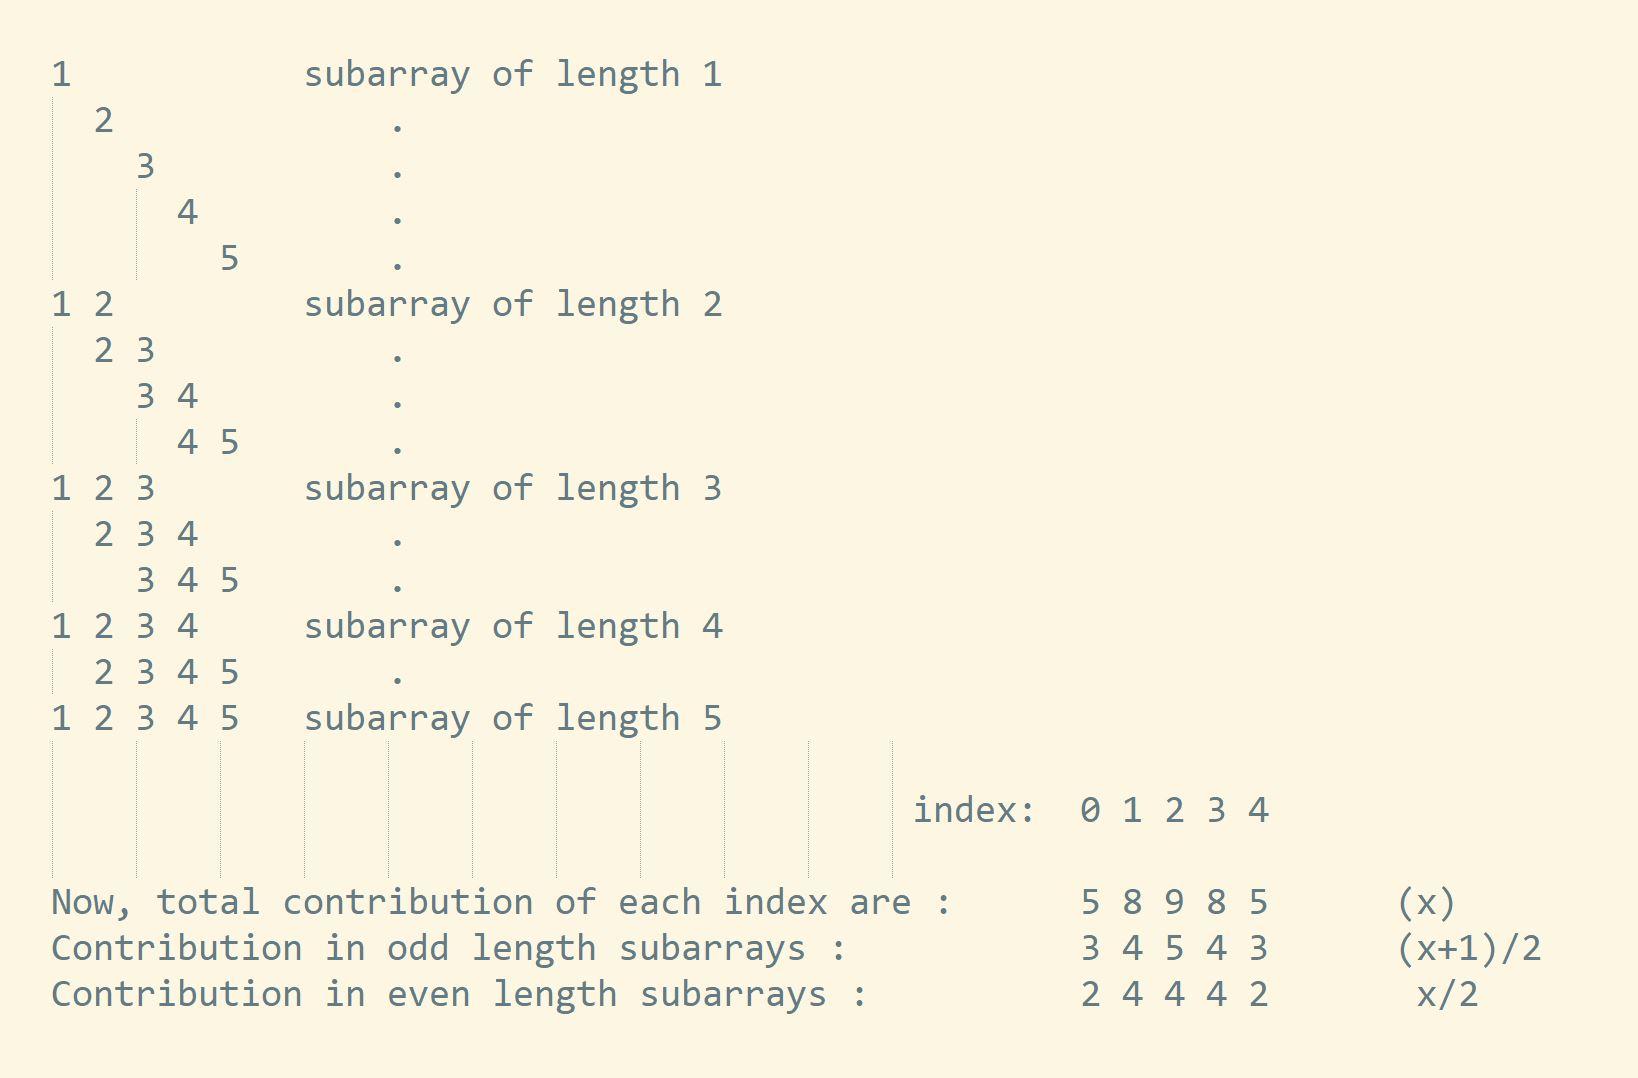 အားလုံးထူးဆန်းအရှည် Subarrays Leetcode ဖြေရှင်းချက်၏ပေါင်းလဒ်